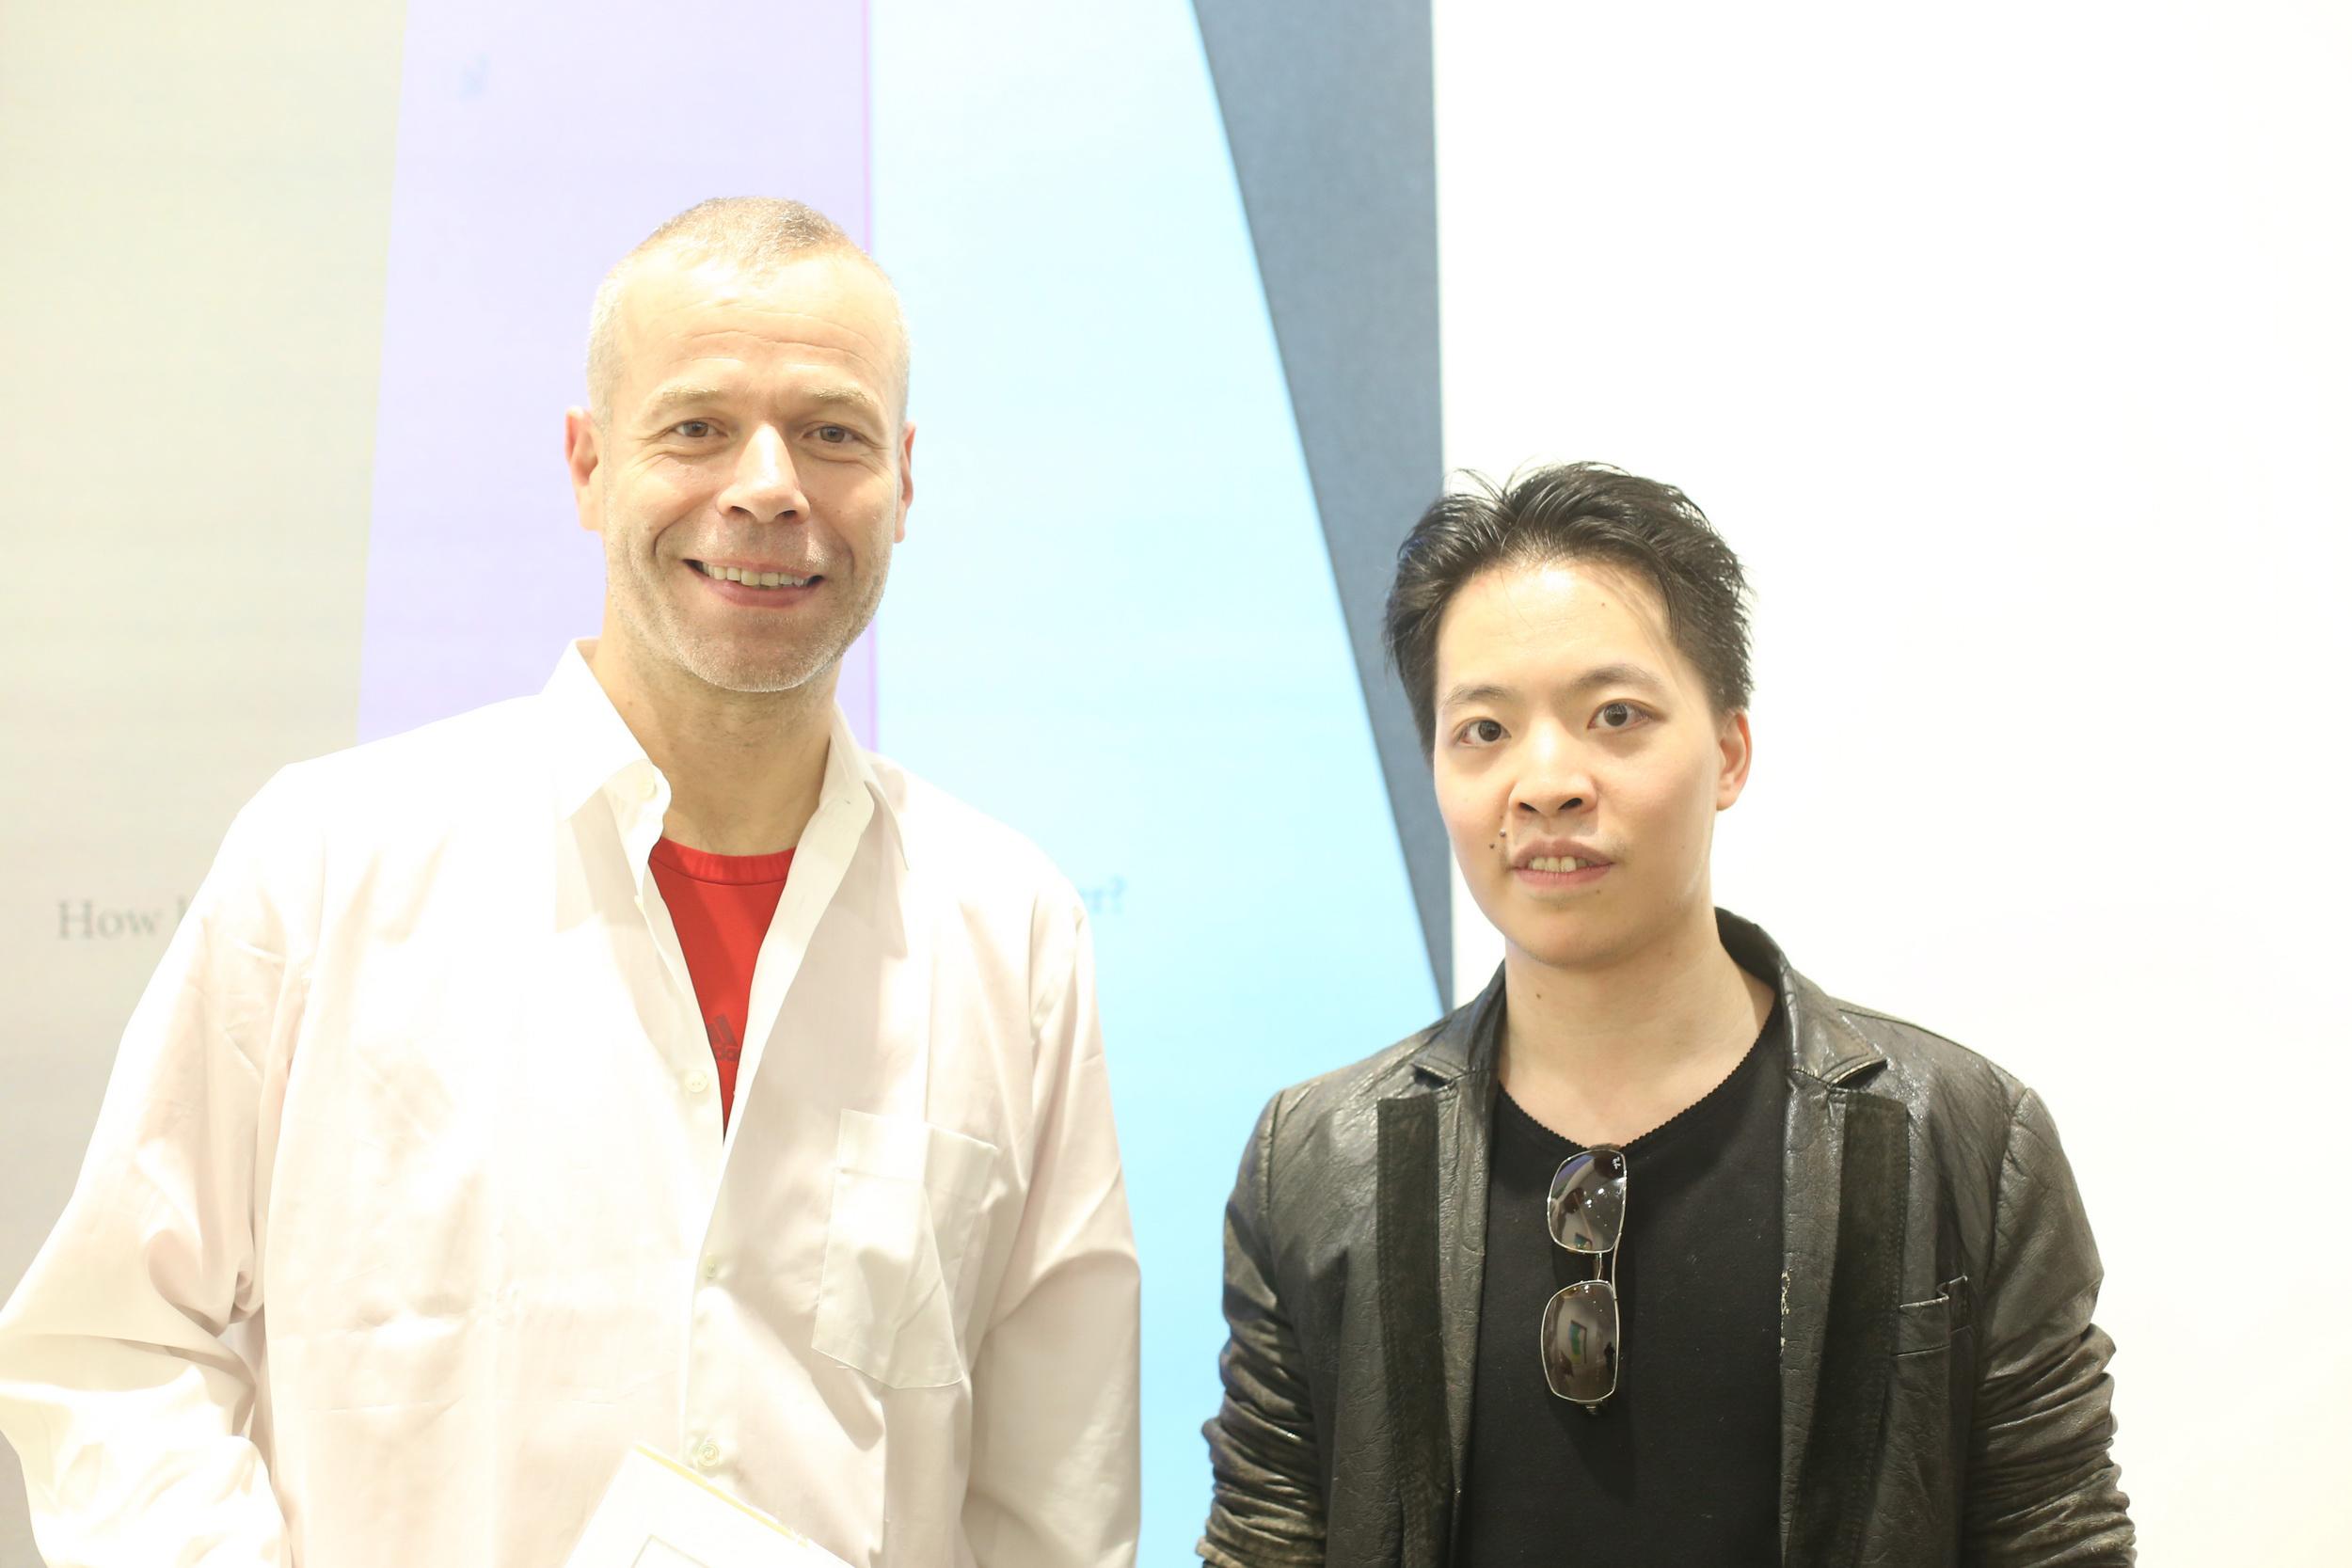 羅卓睿 Michael Andrew Law Cheuk Yui 與著名藝術家 Wolfgang Tillmans